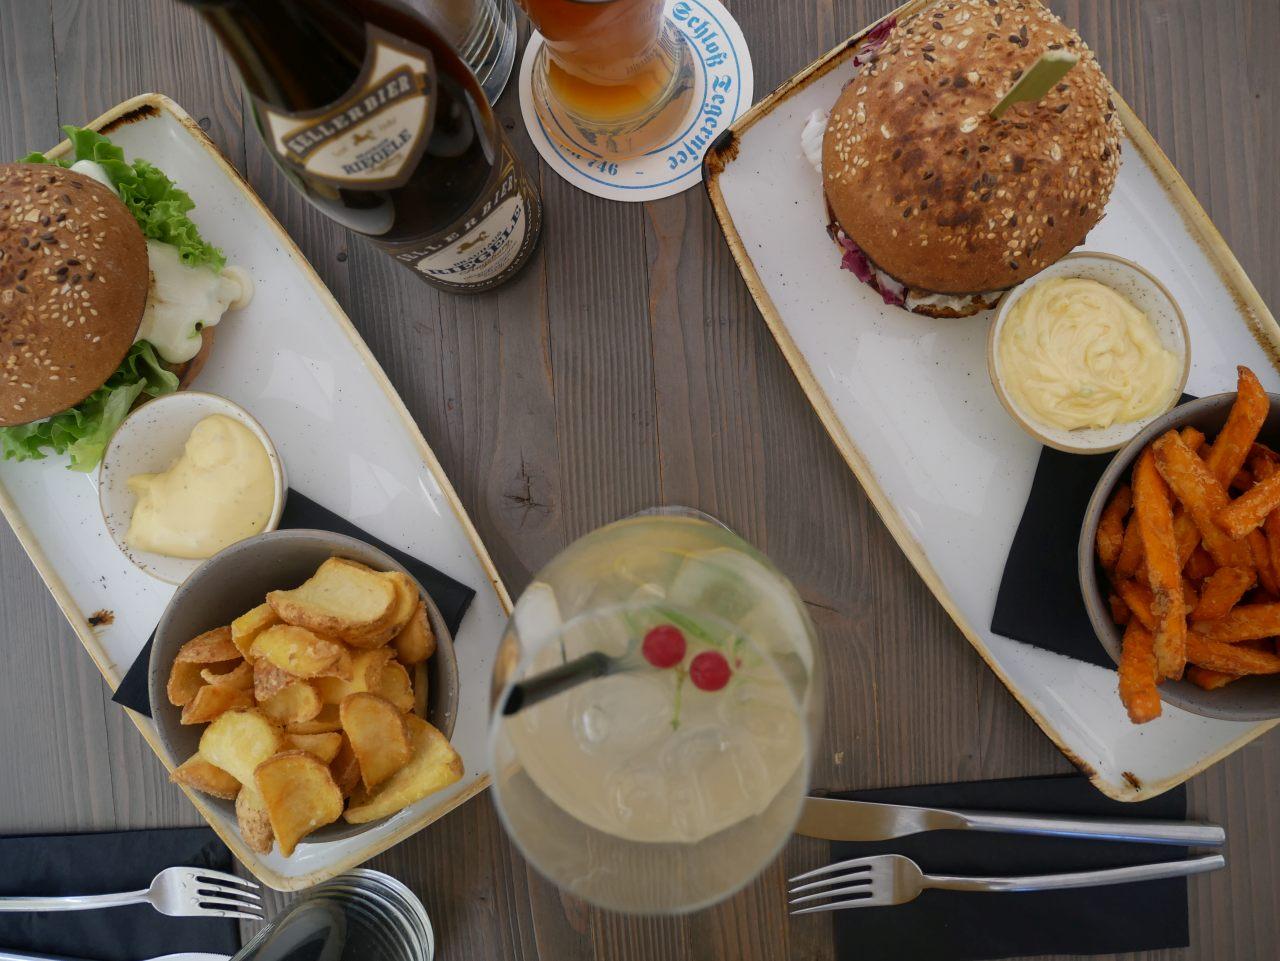 3 jours dans le Sud-Tyrol: Pims burger